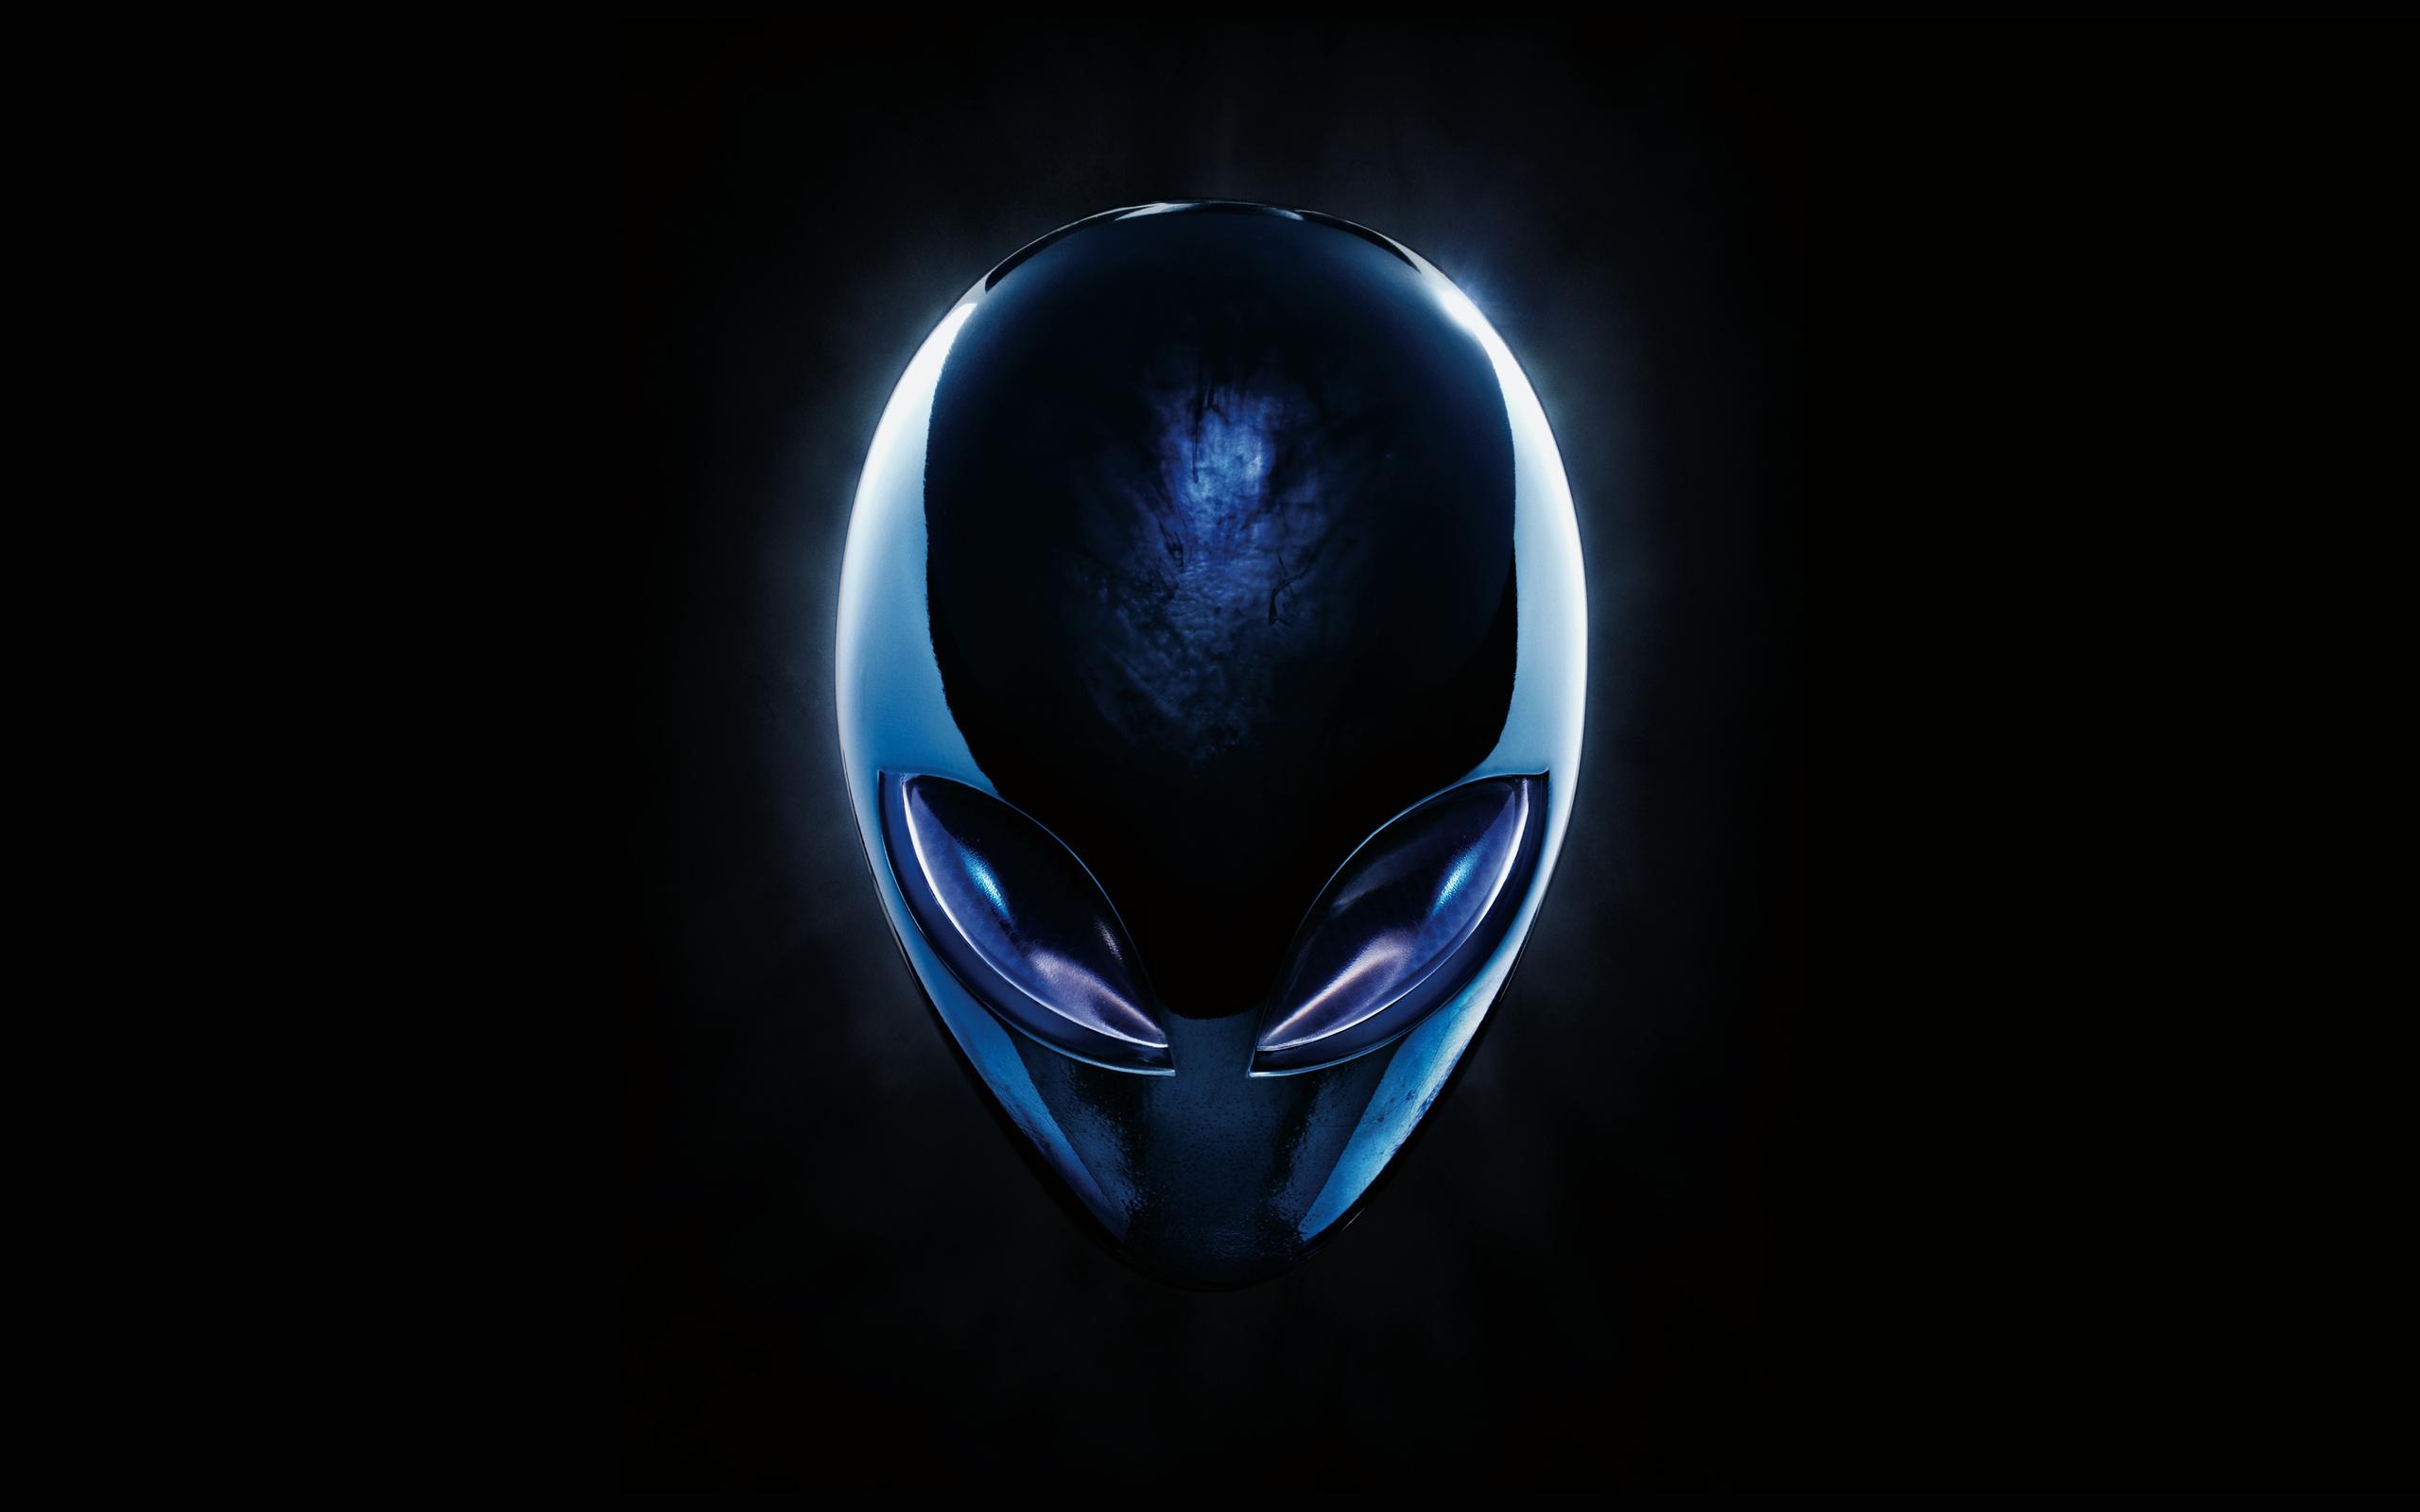 Ufo Alien Alienware wallpapers HD   449054 2560x1600